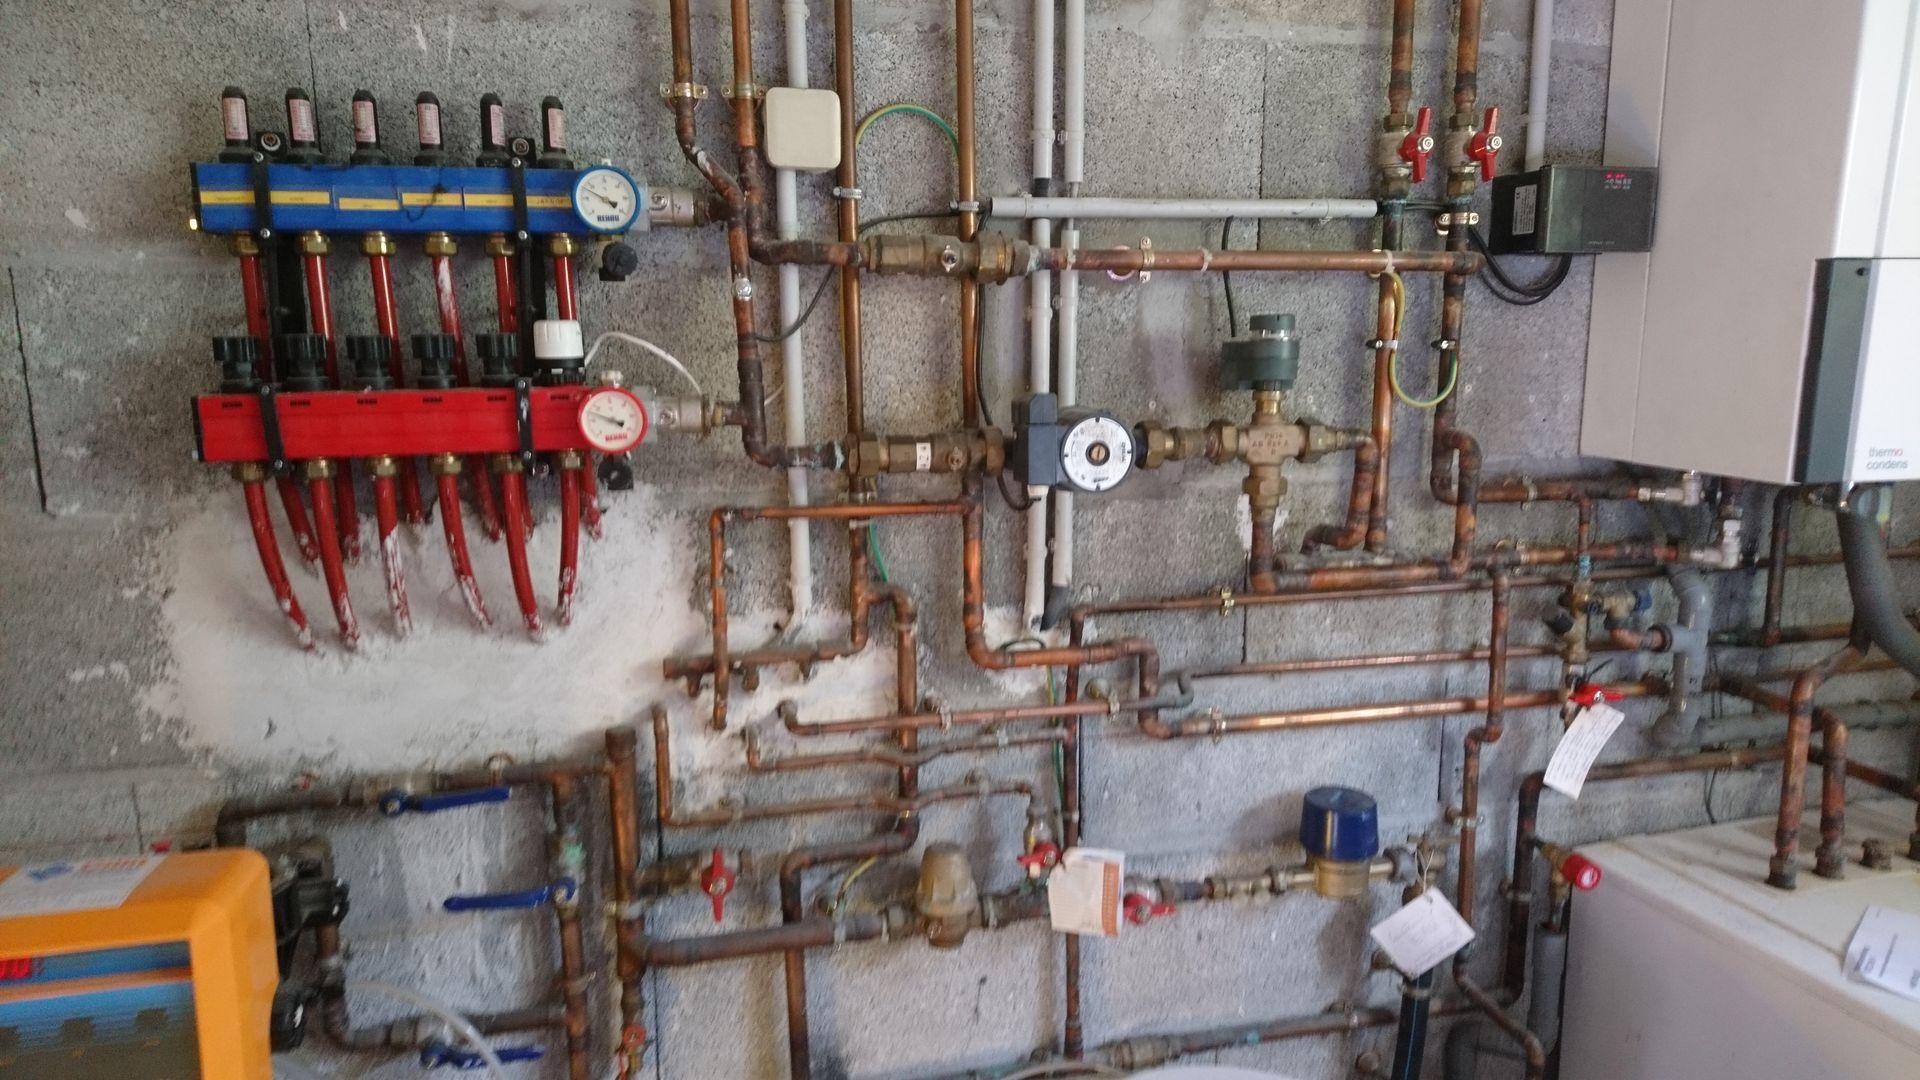 Agir Plomberie, Agir Services Annecy